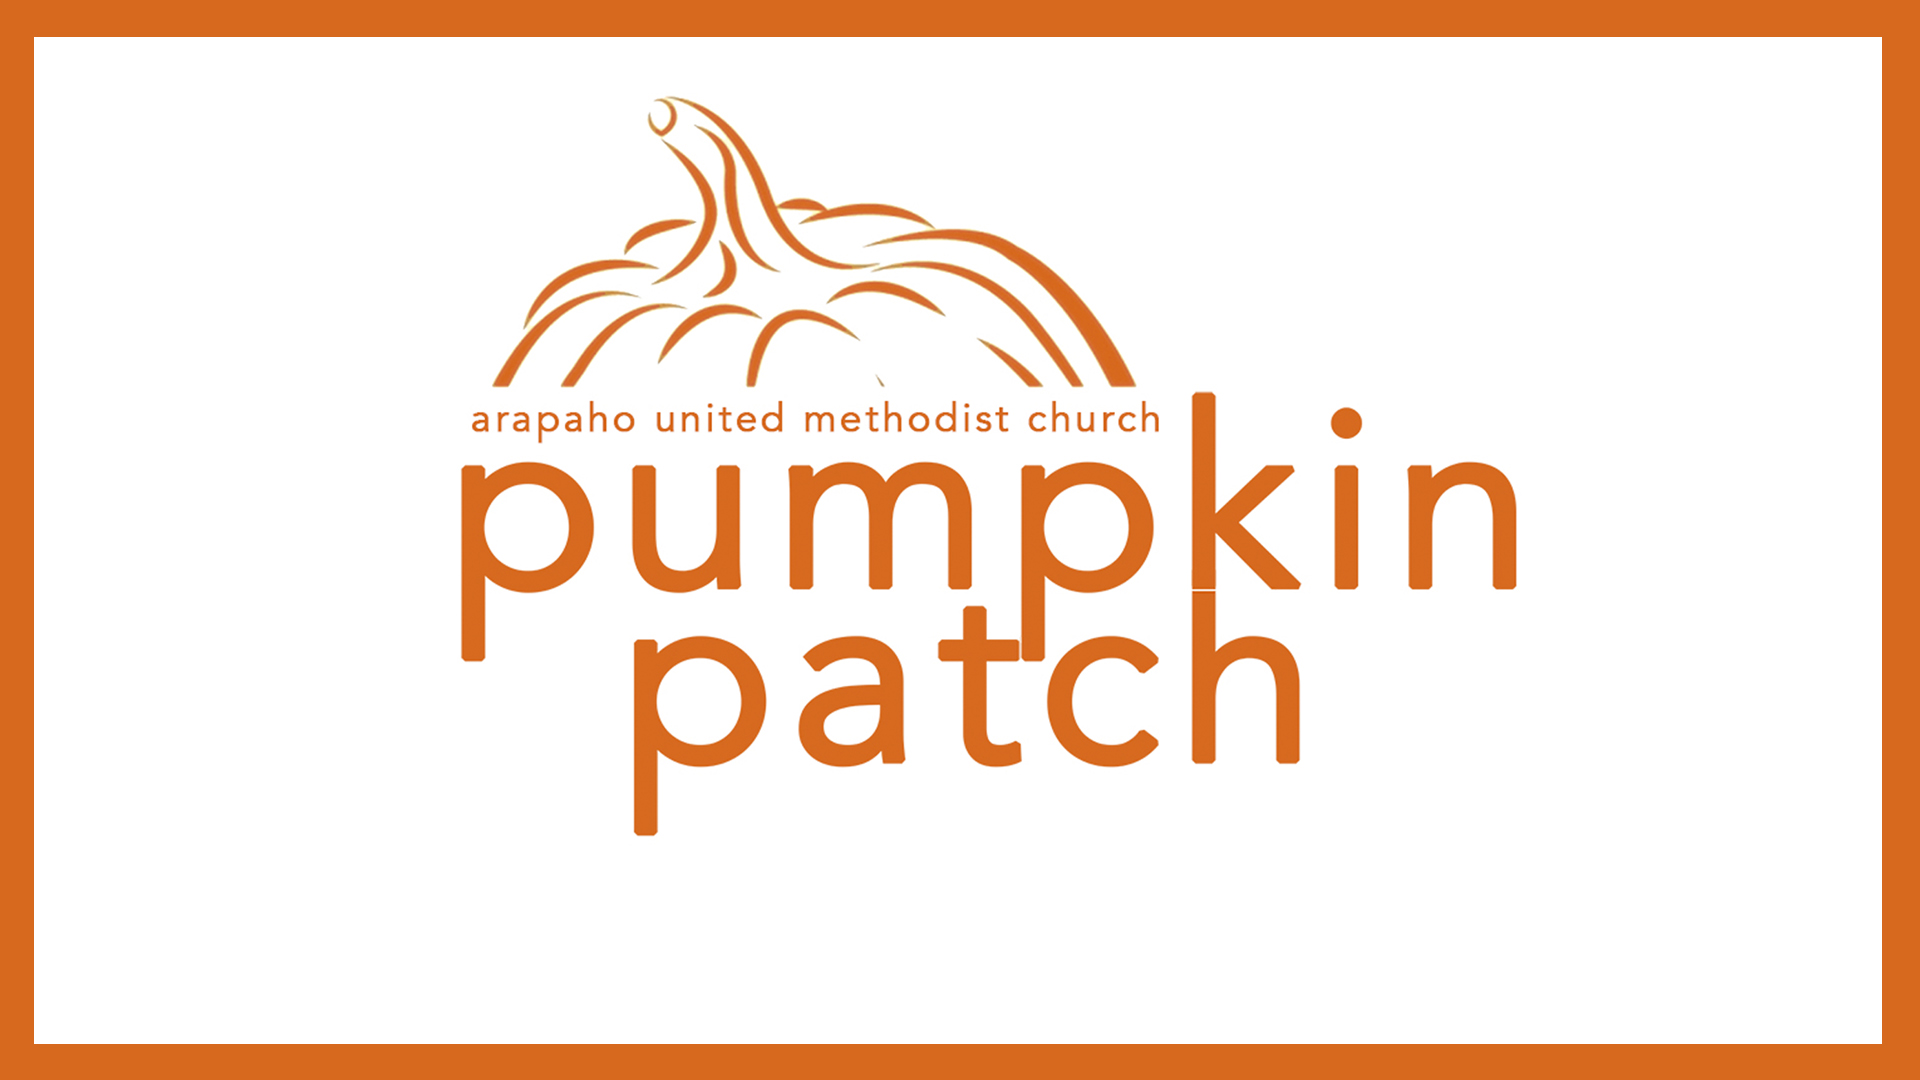 AUMC_SCREEN_PumpkinPatchPlain.jpg